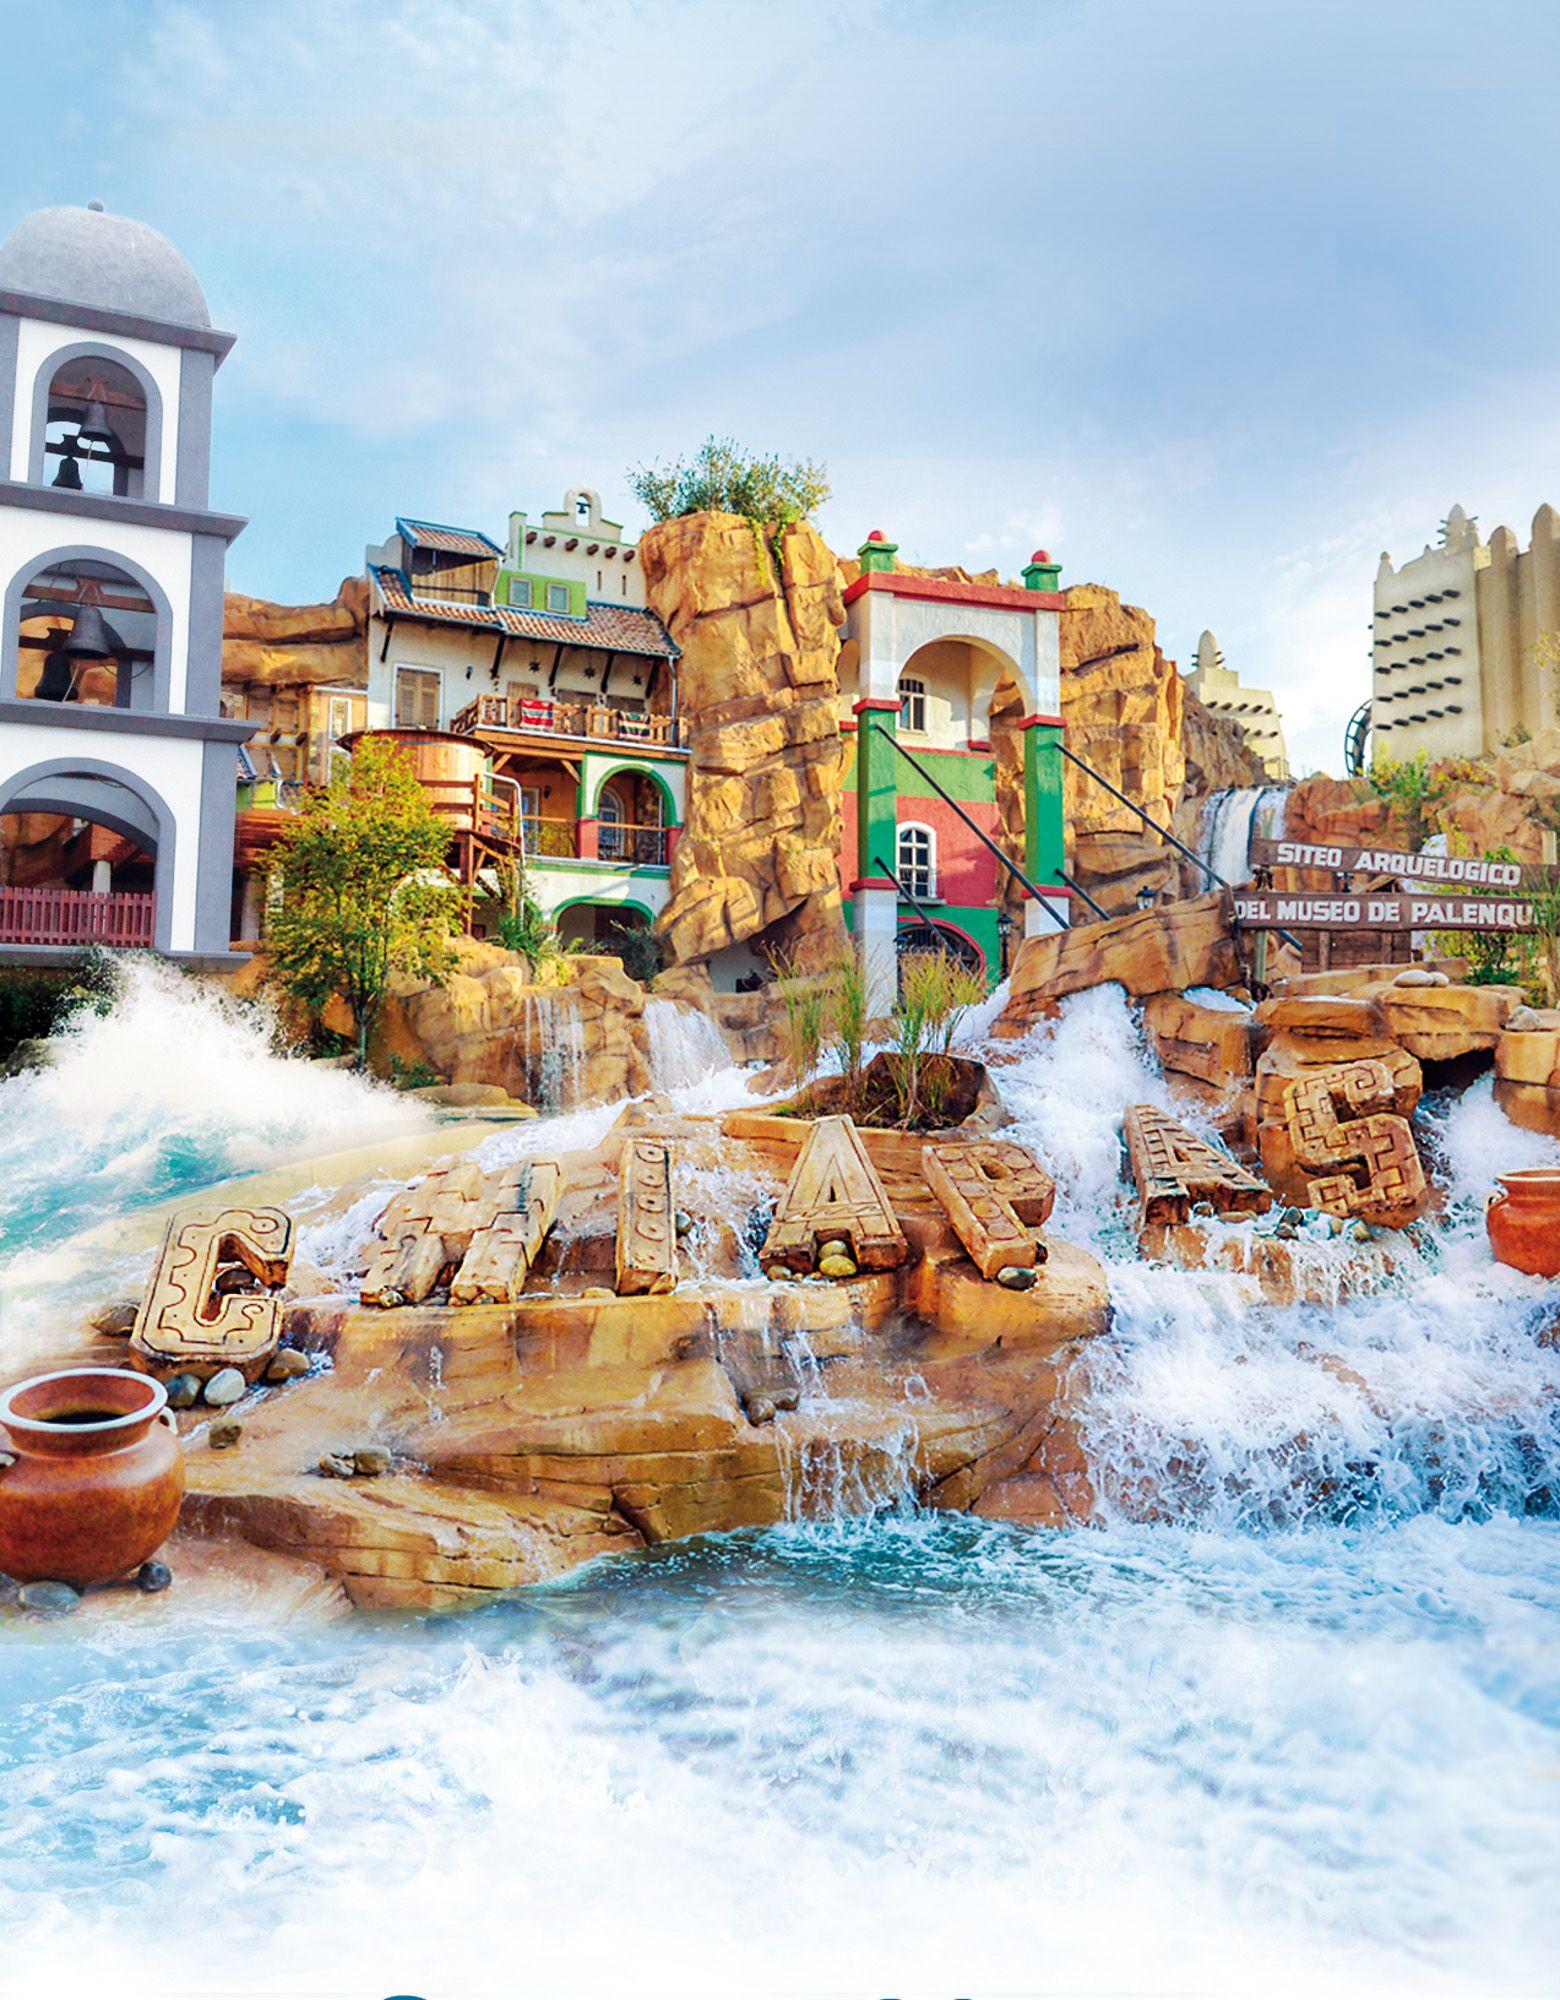 Chiapas Die Wasserbahn Phantasialand Chiapas Wasserbahn Freizeitpark Phantasialand Freizeitpark Chiapas Phantasialand